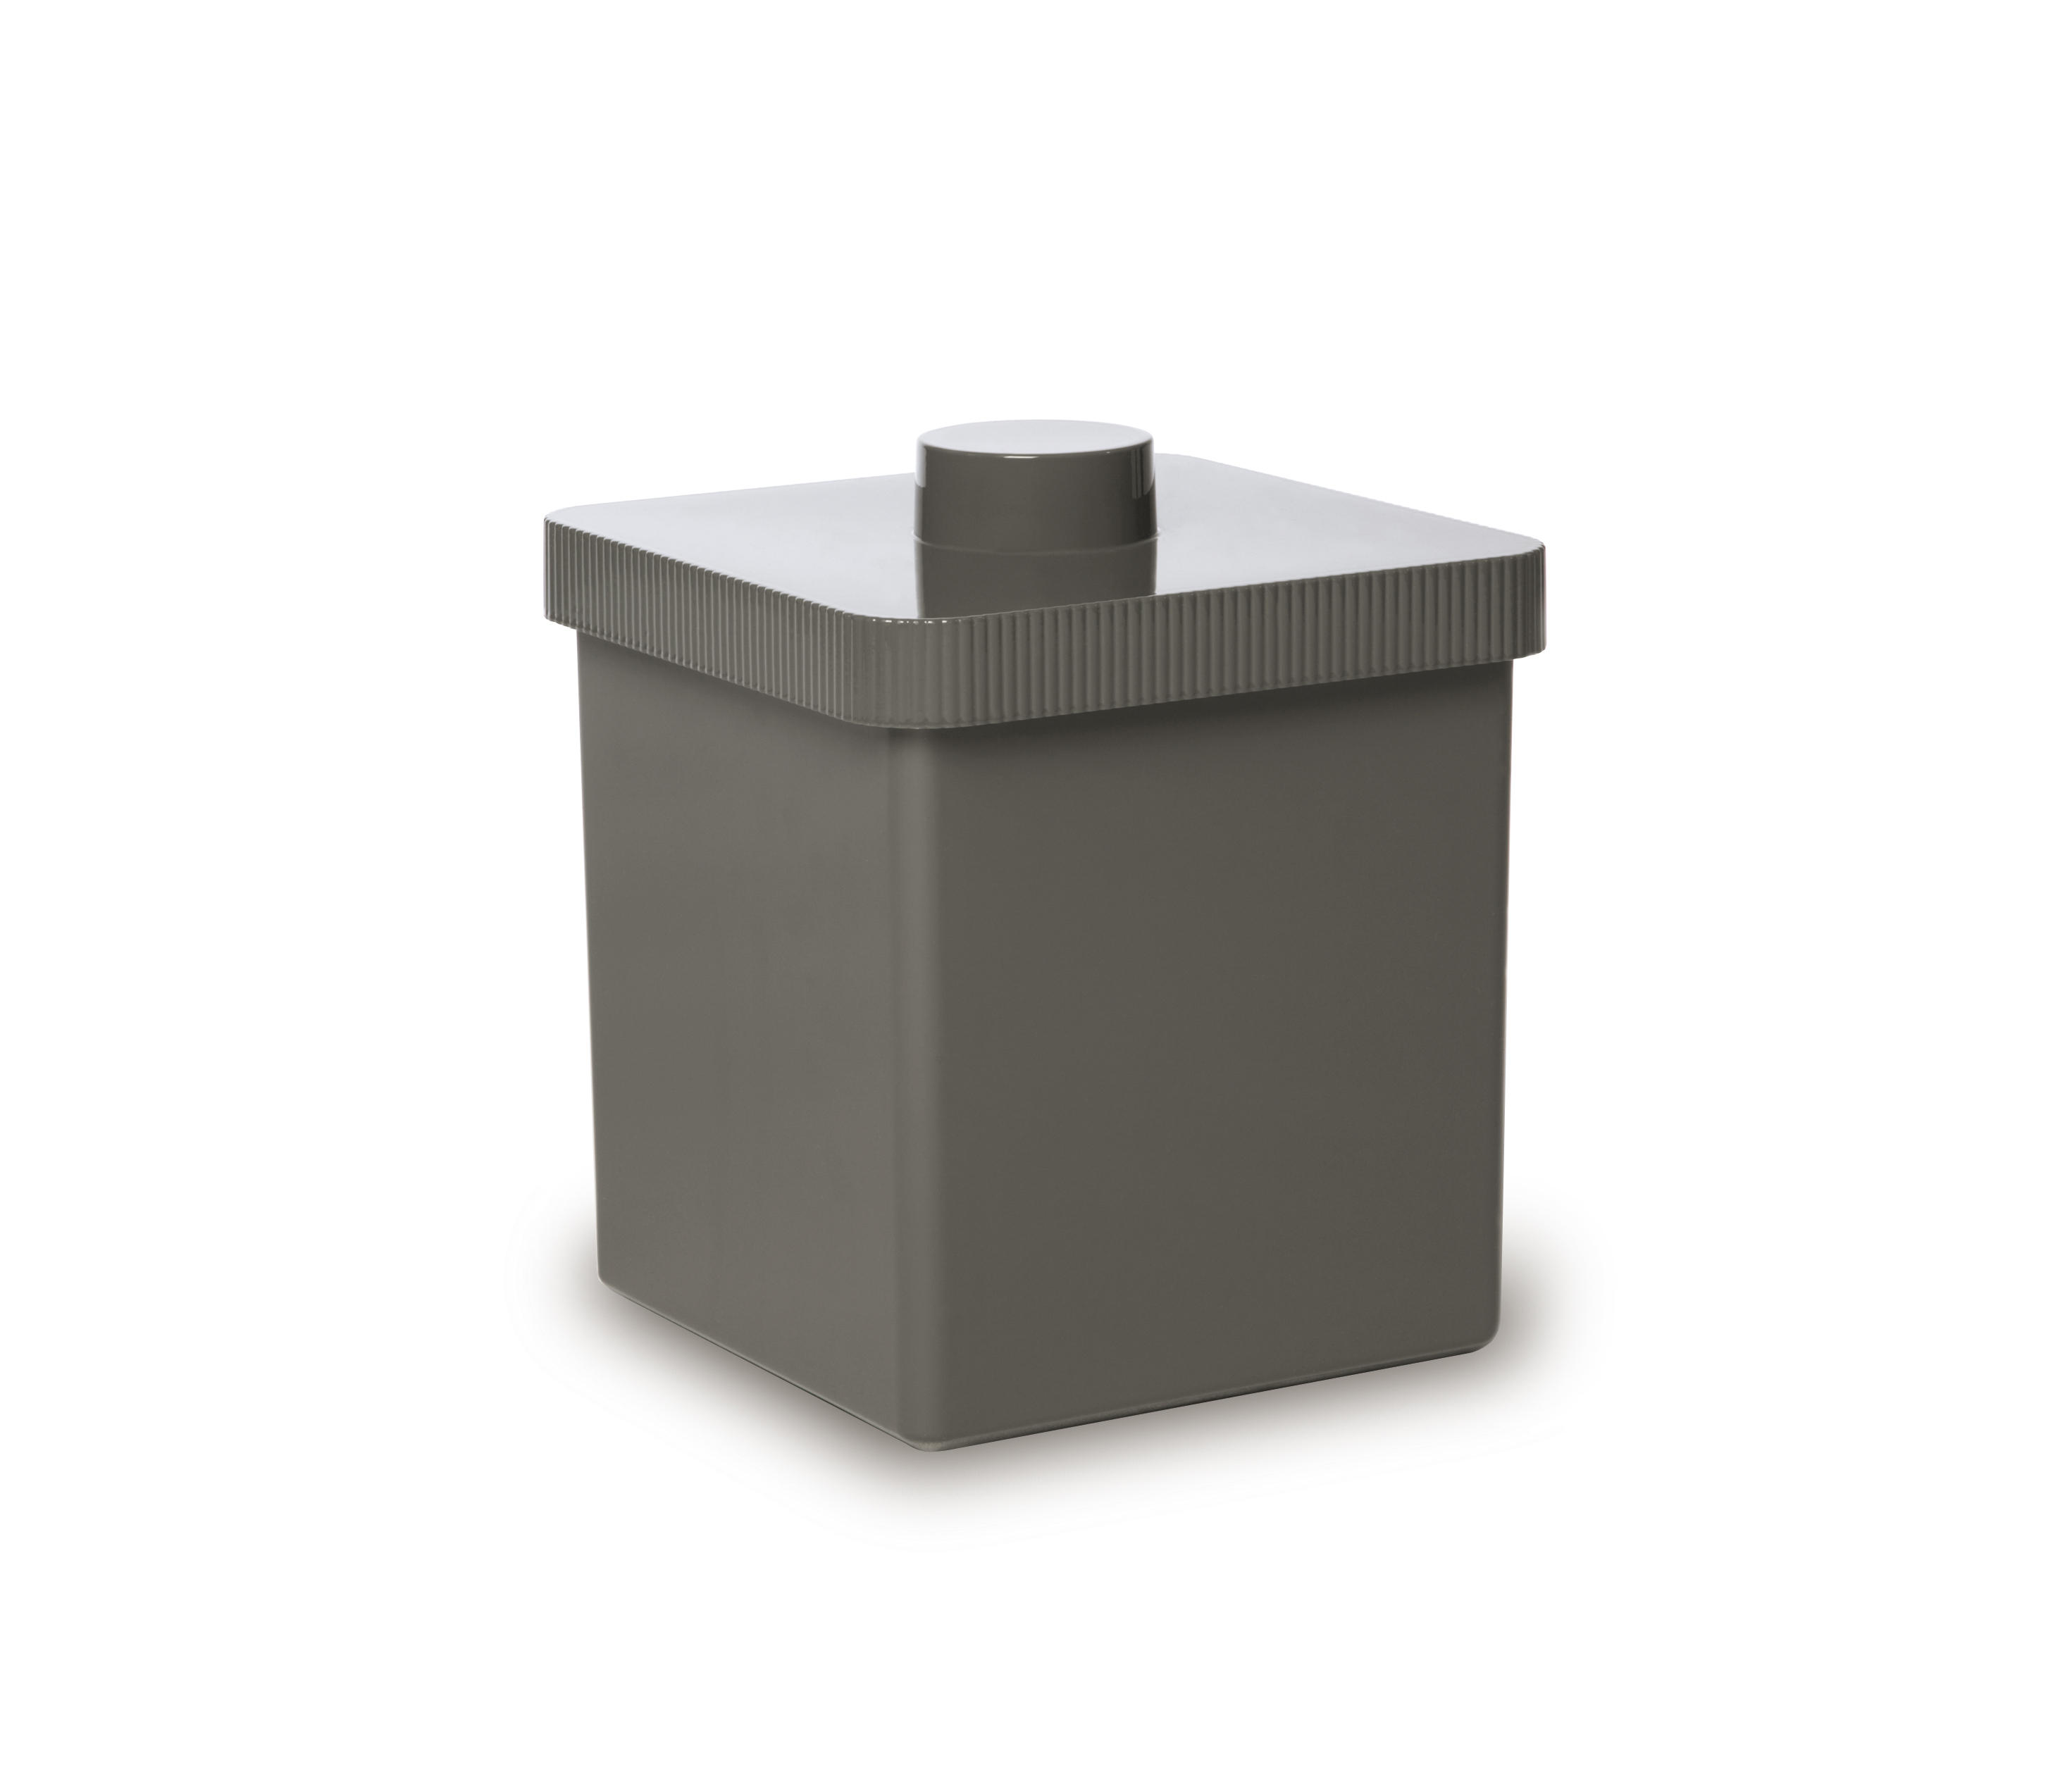 KALI ABFALLEIMER - Bad Abfallbehälter von Authentics | Architonic